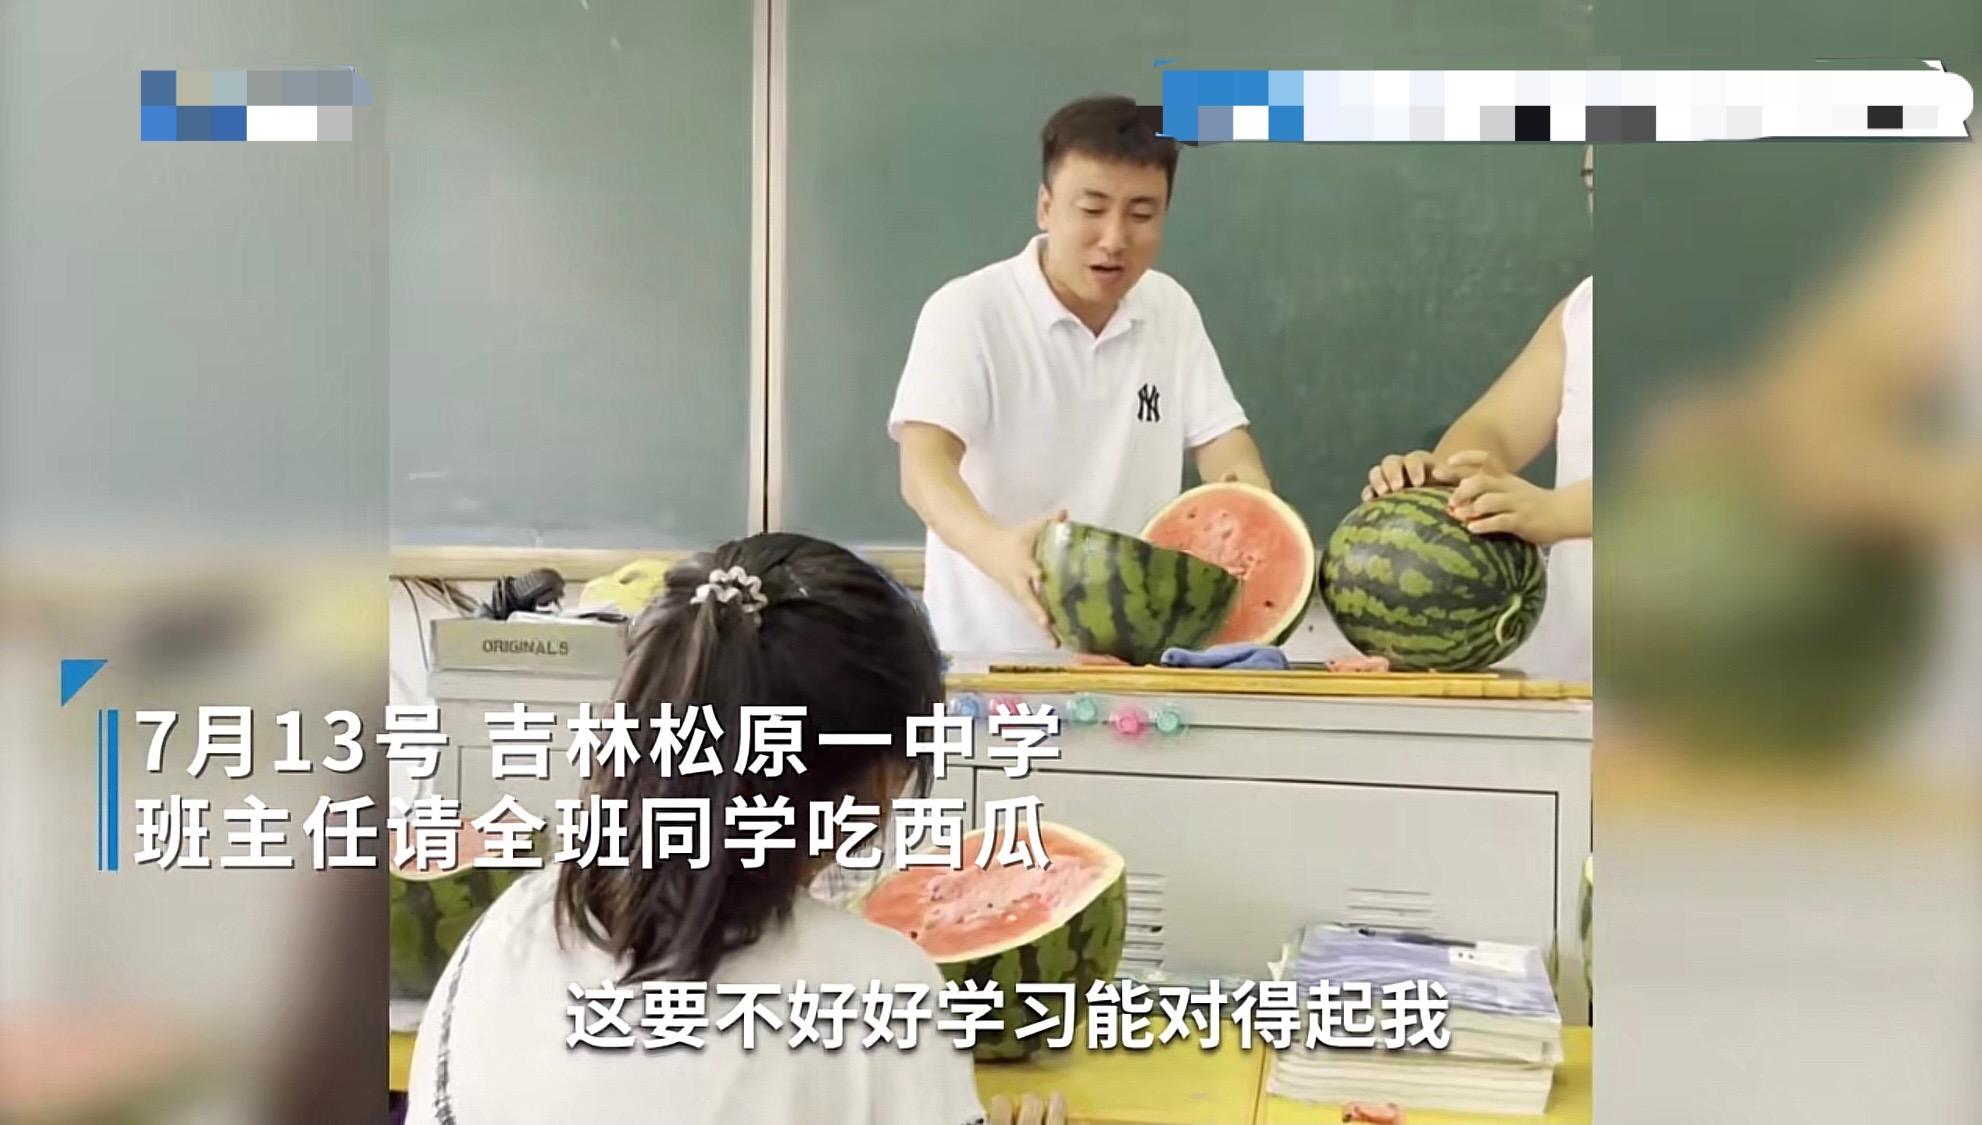 吉林一老师收学生半个西瓜,自费1069元请全班吃西瓜:很感动,我不能差事